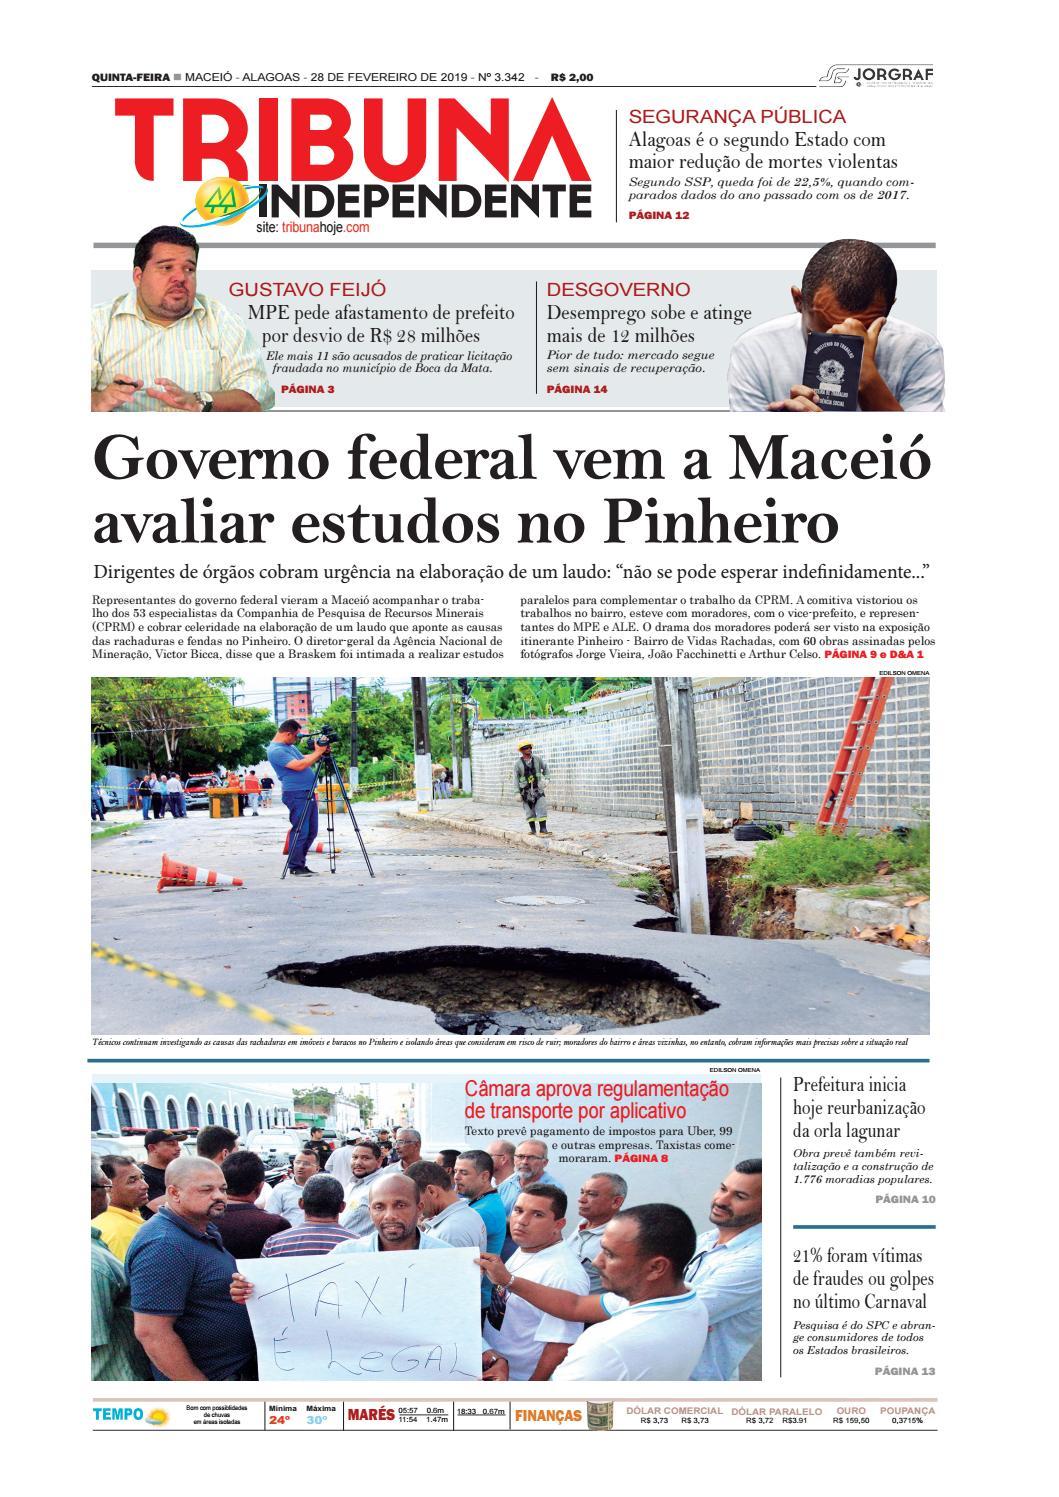 0c1f32ce1 Edição número 3342 - 28 de fevereiro de 2019 by Tribuna Hoje - issuu